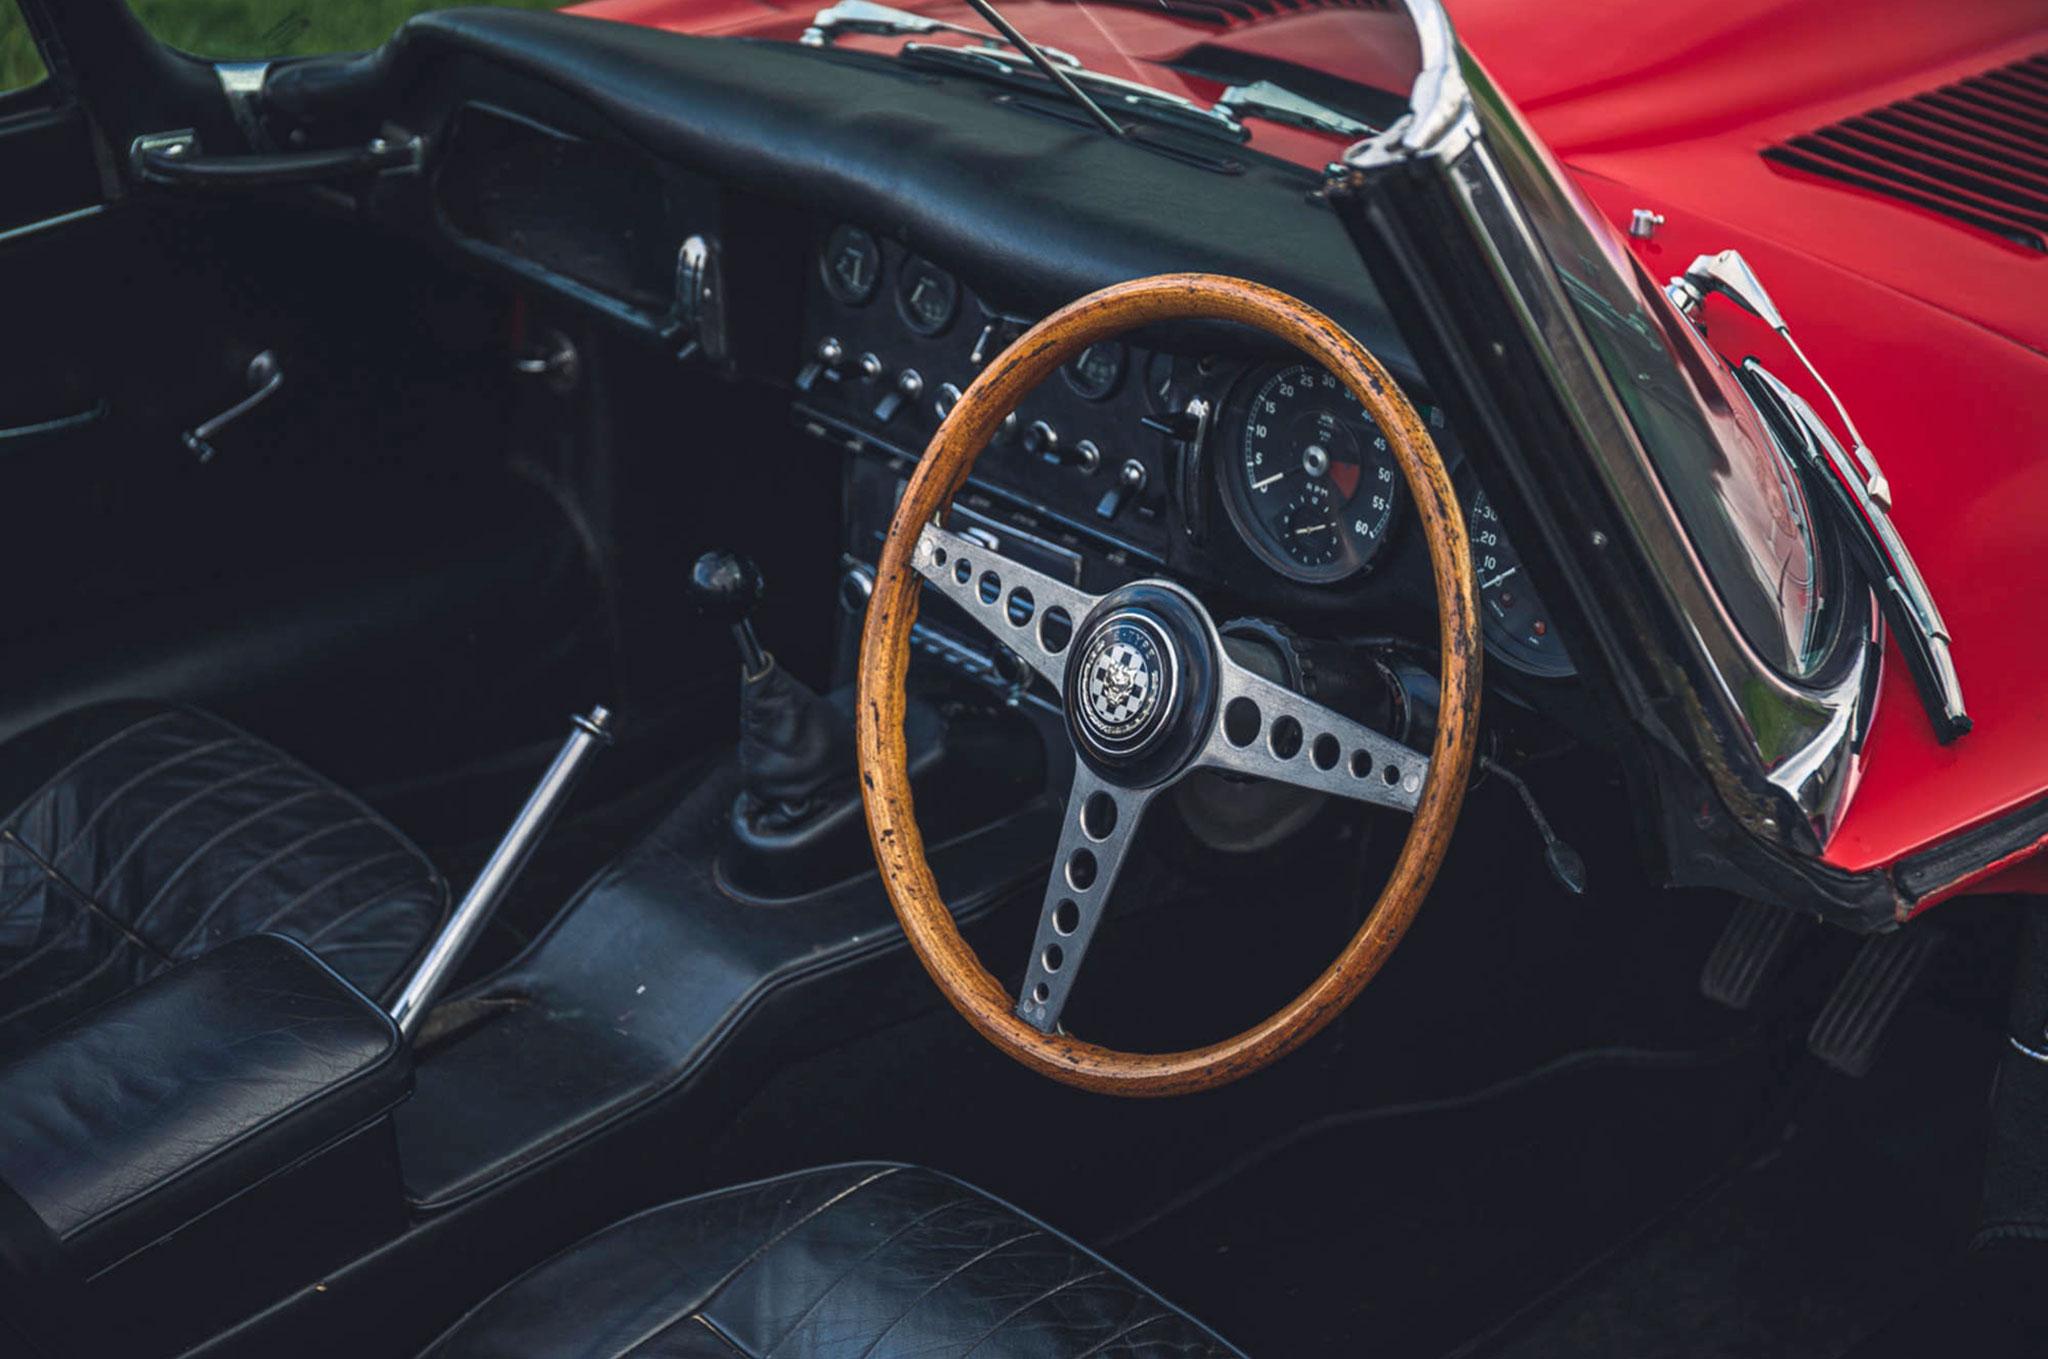 1965 Jaguar E-Type 4.2 Series 1 Roadster vue poste de pilotage.